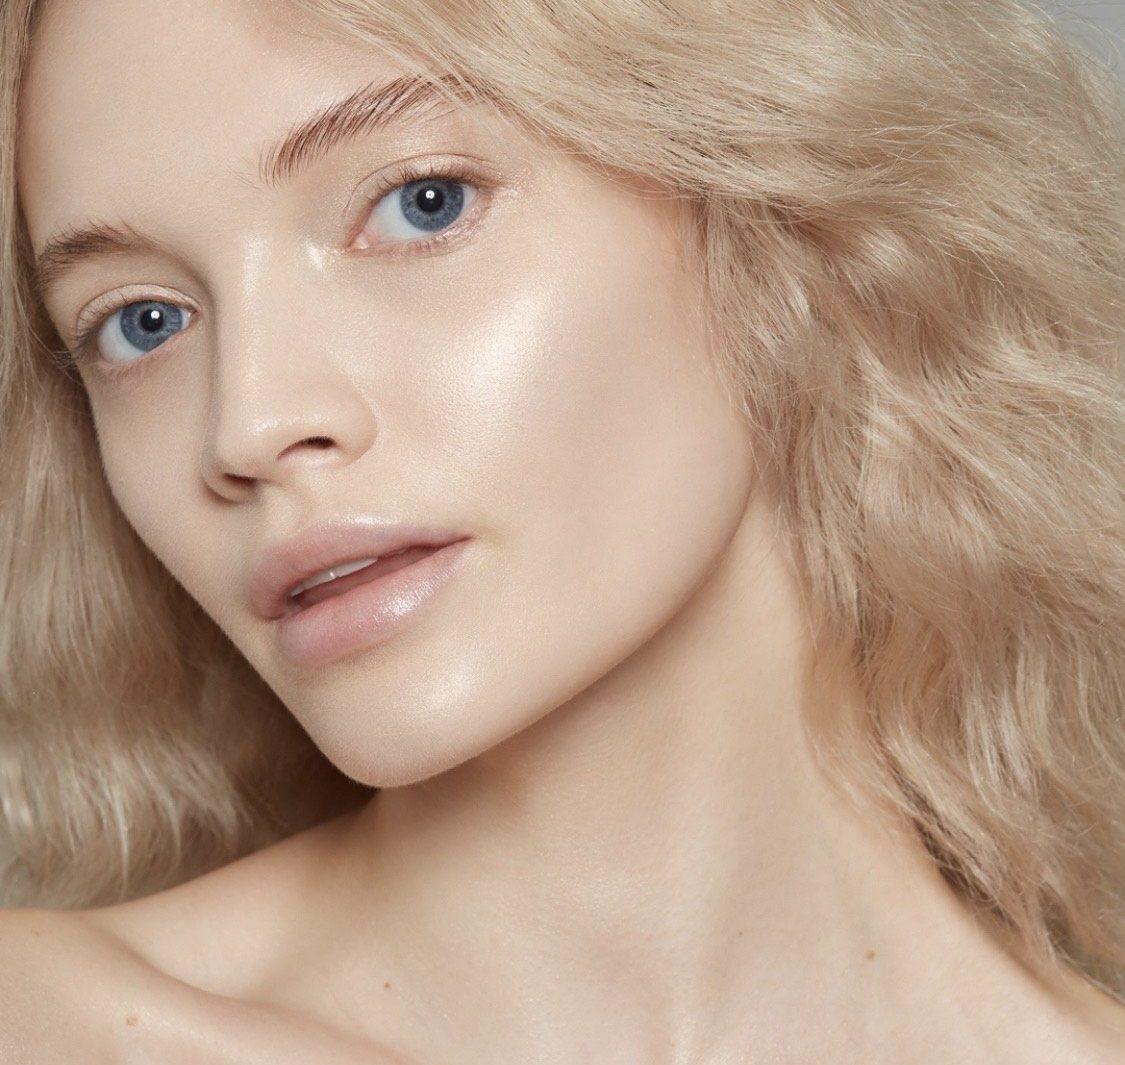 Тоник для очищения и увлажнения лица: почему тоник должен быть в каждой косметичке